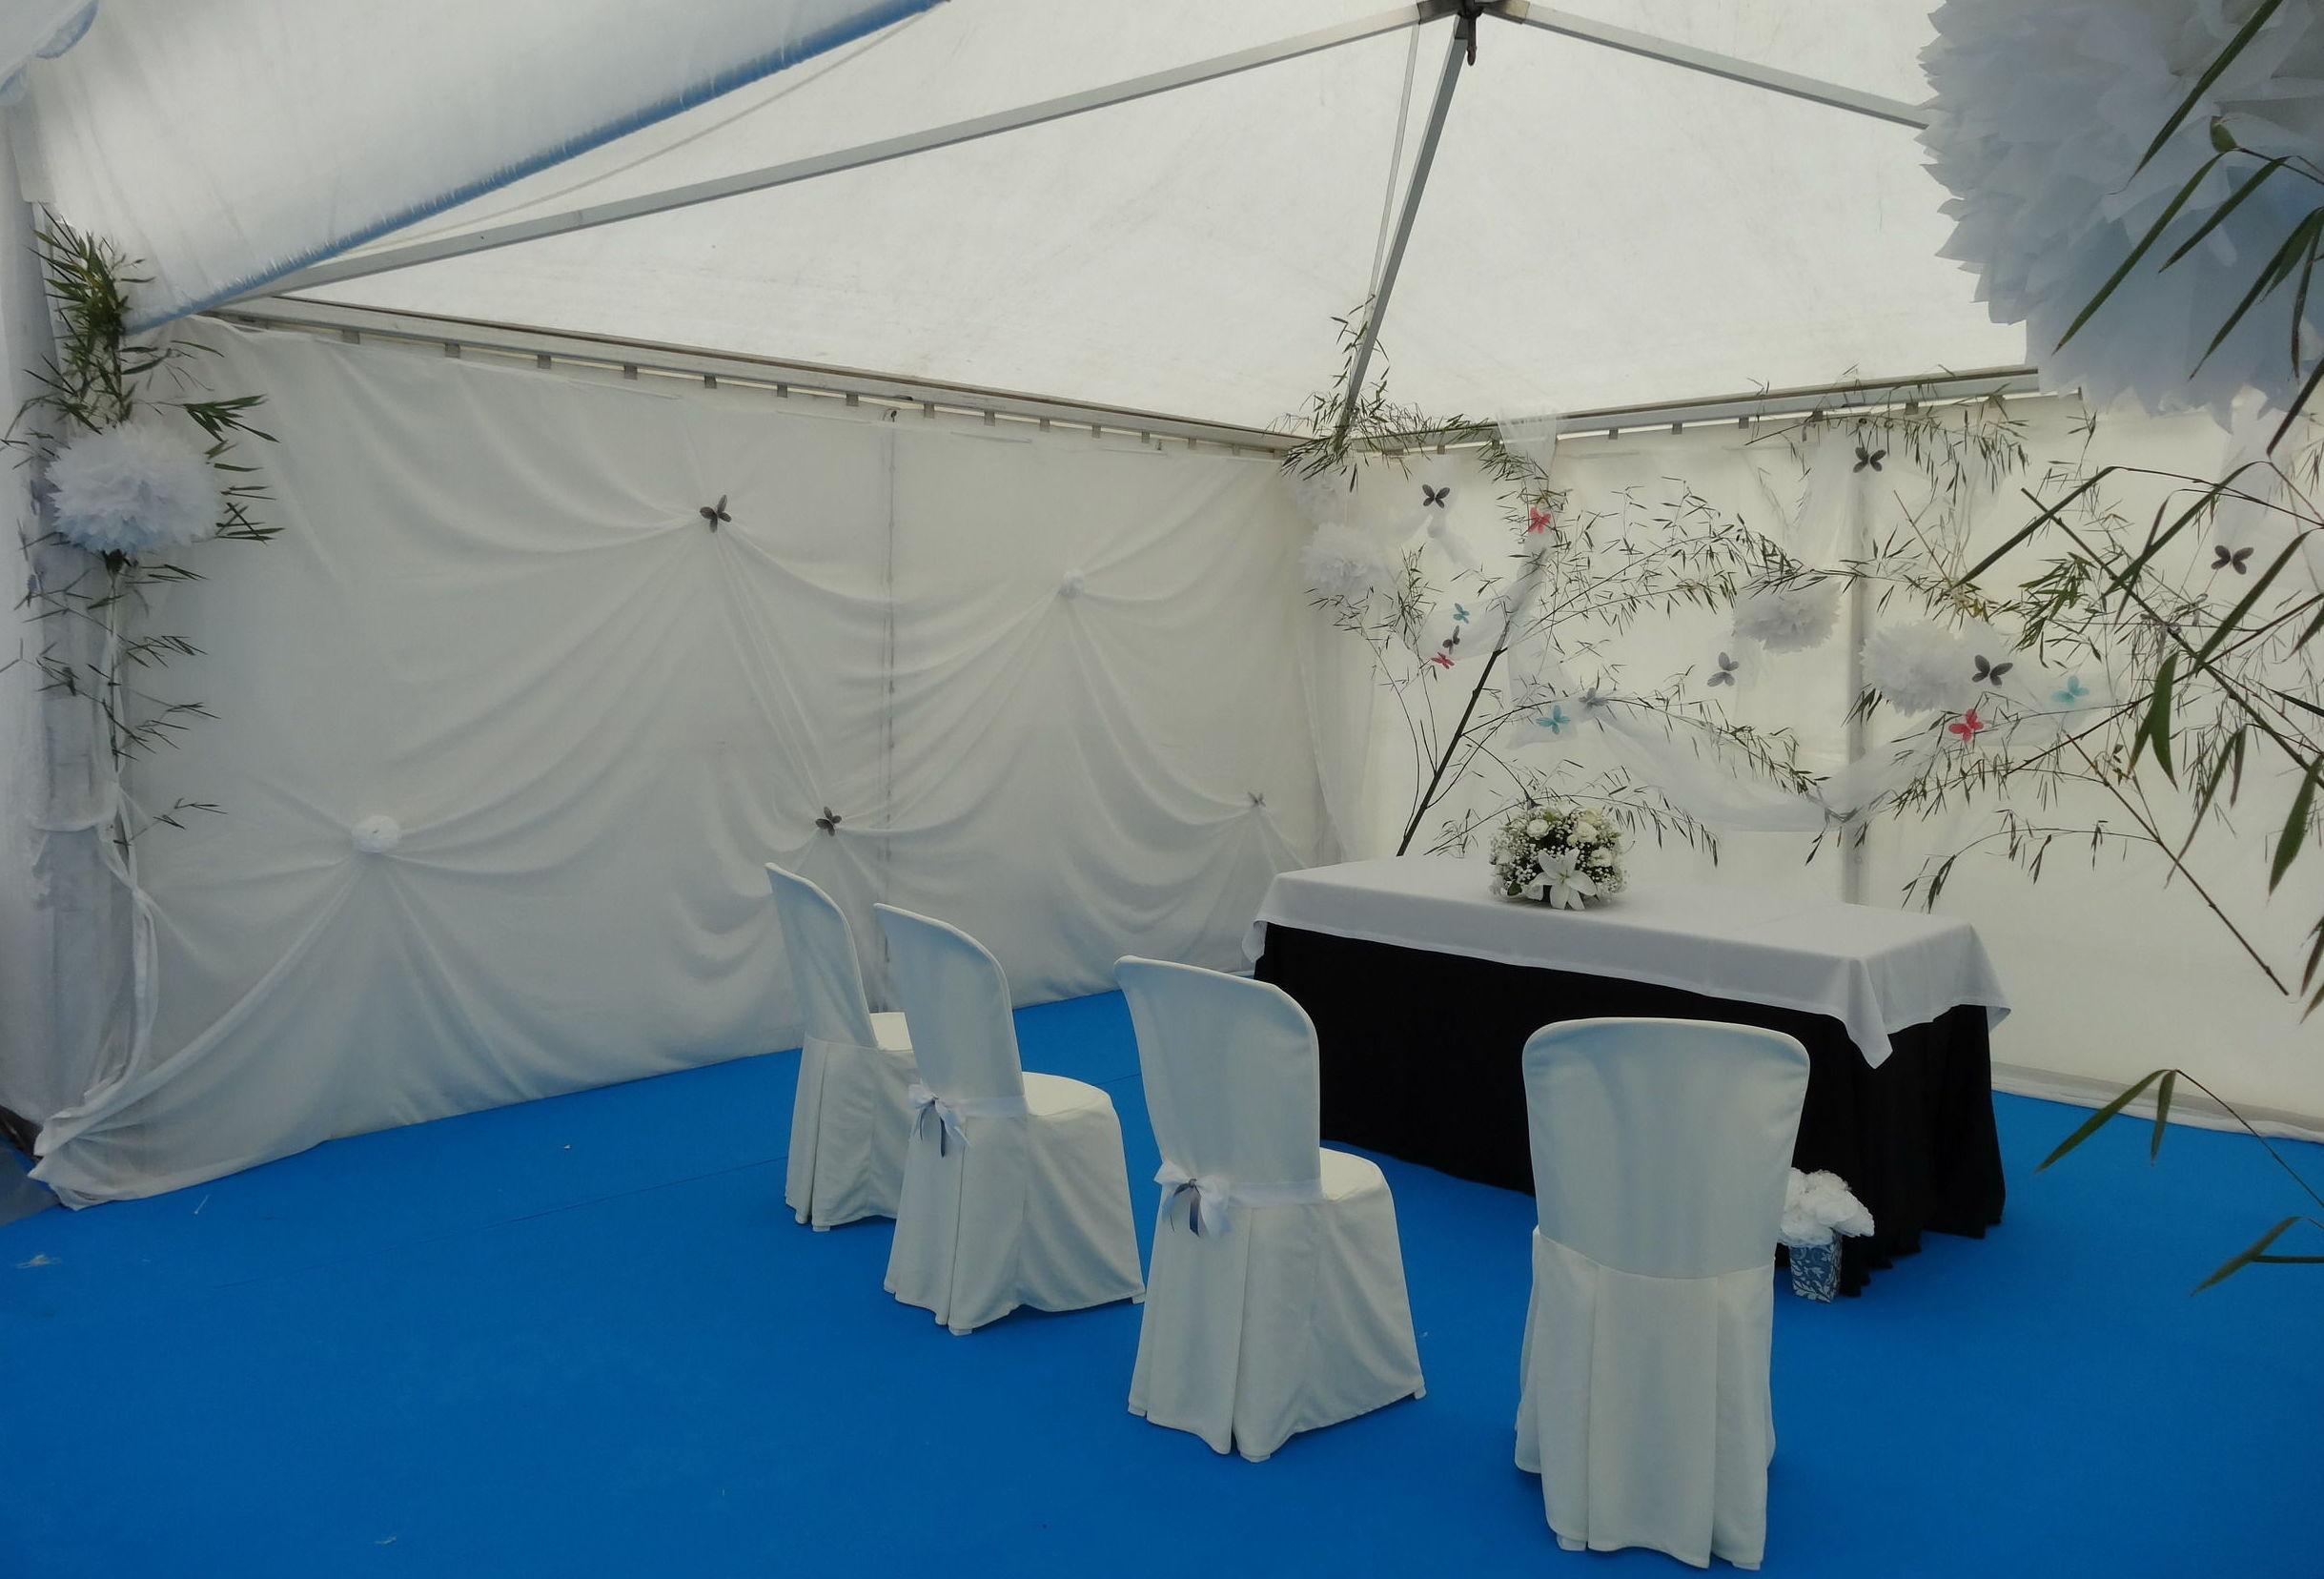 Alquiler de mobiliario para bodas y ceremonias en Asturias.